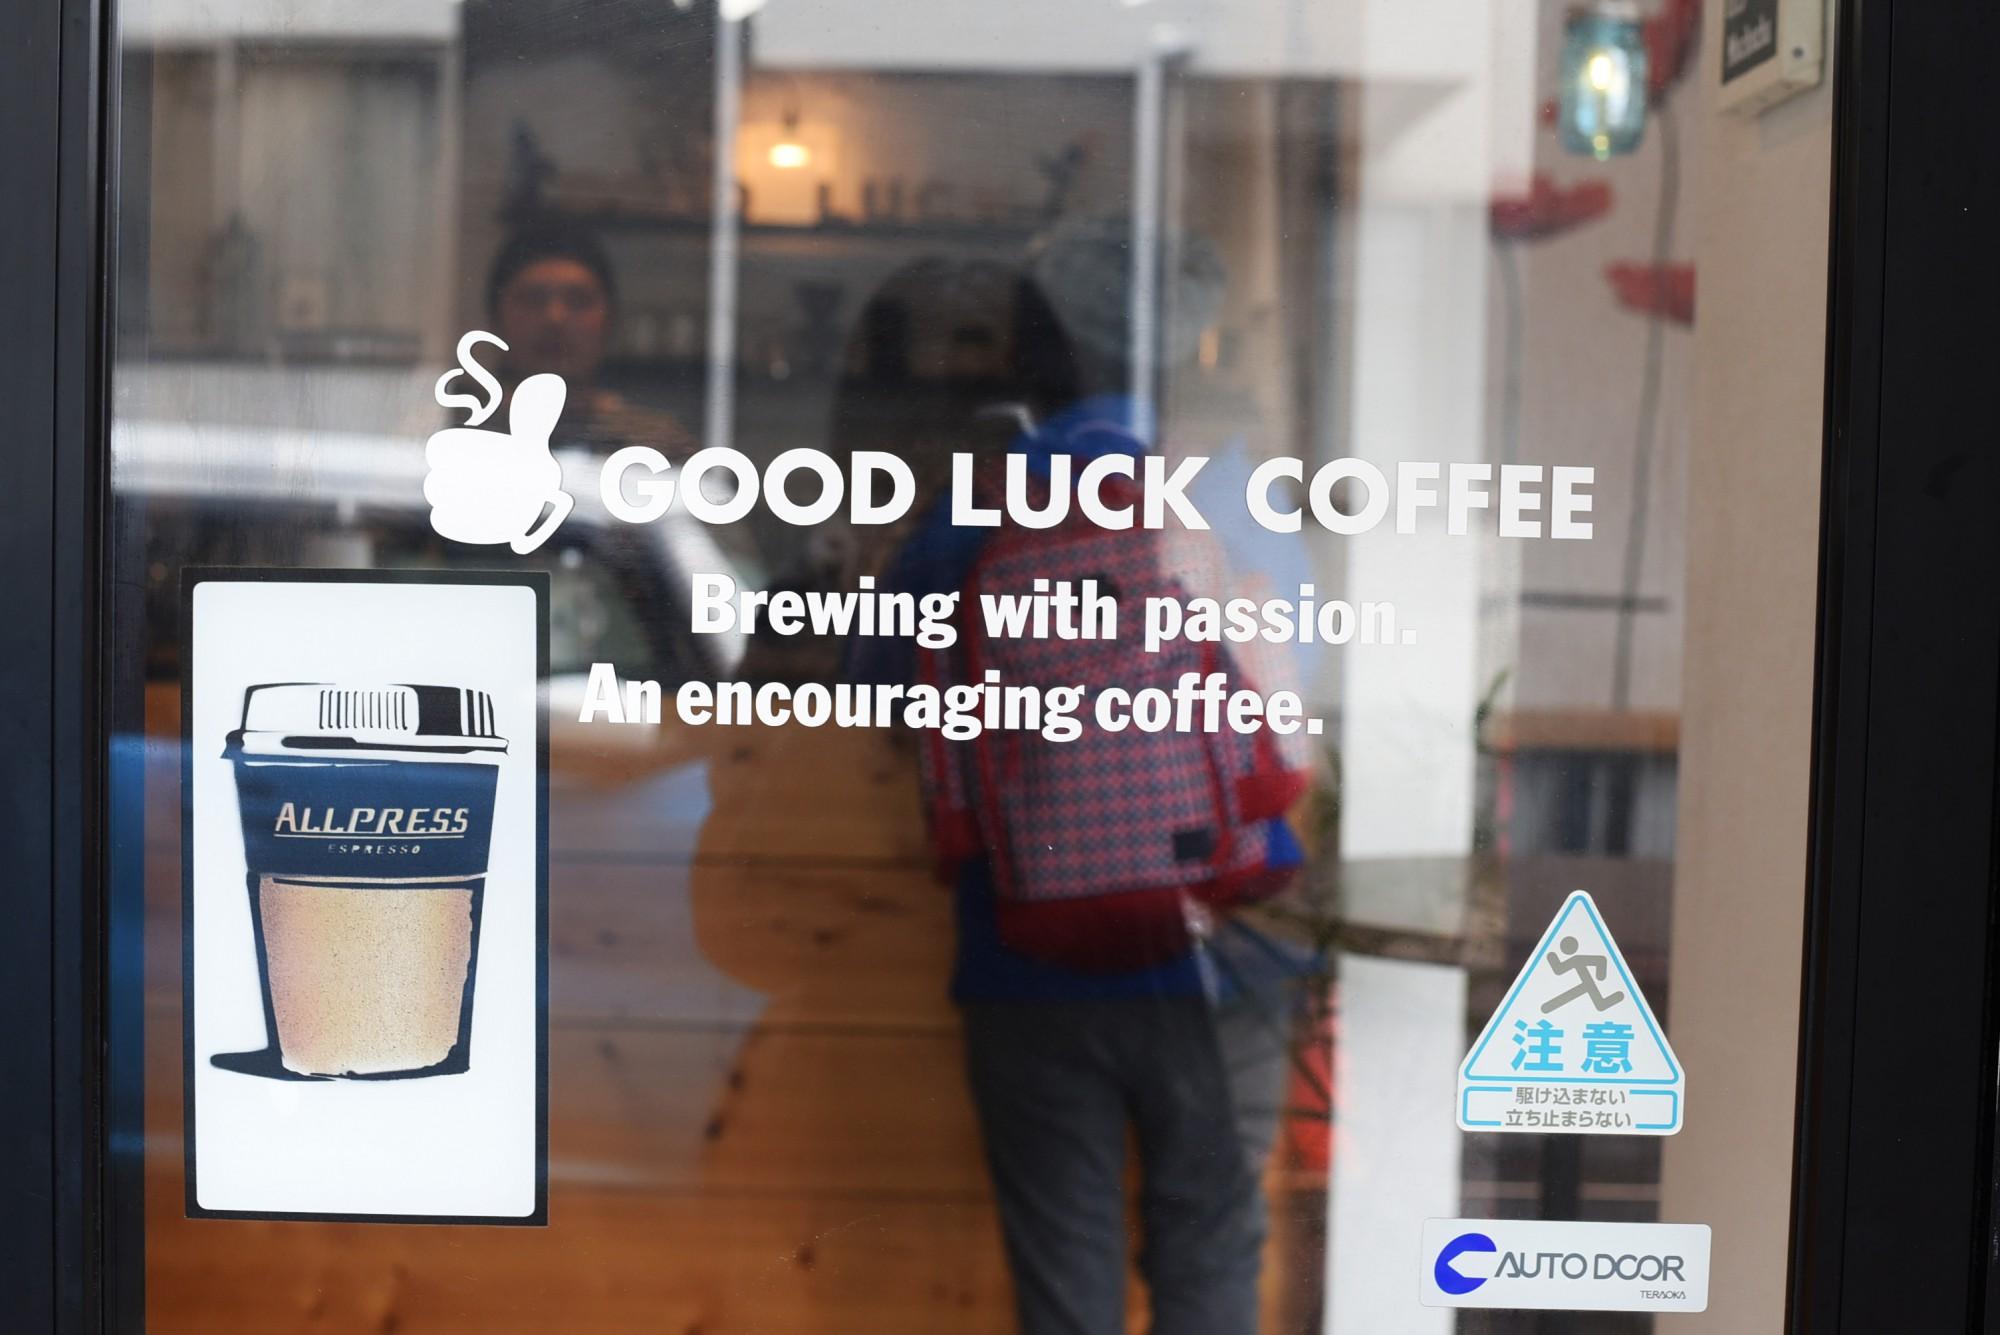 ドアには「情熱を抽出した、あなたを勇気付けるコーヒー」のメッセージが。店のメインコンセプトだ。